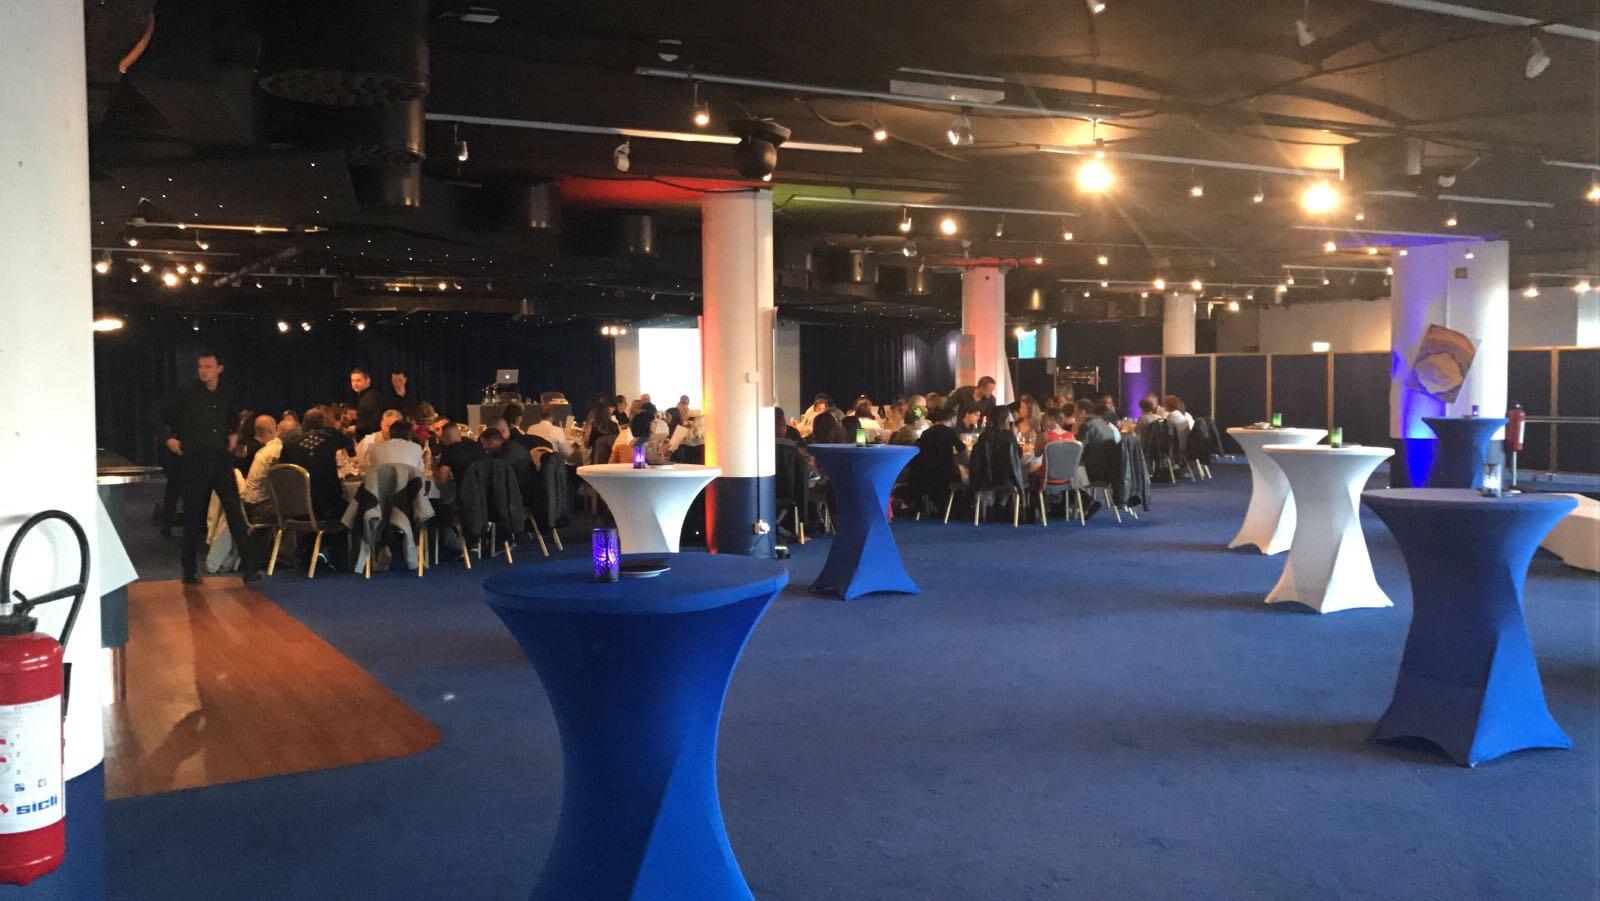 event center, agence evenementielle genève, agence evenementielle suisse, gala entreprise